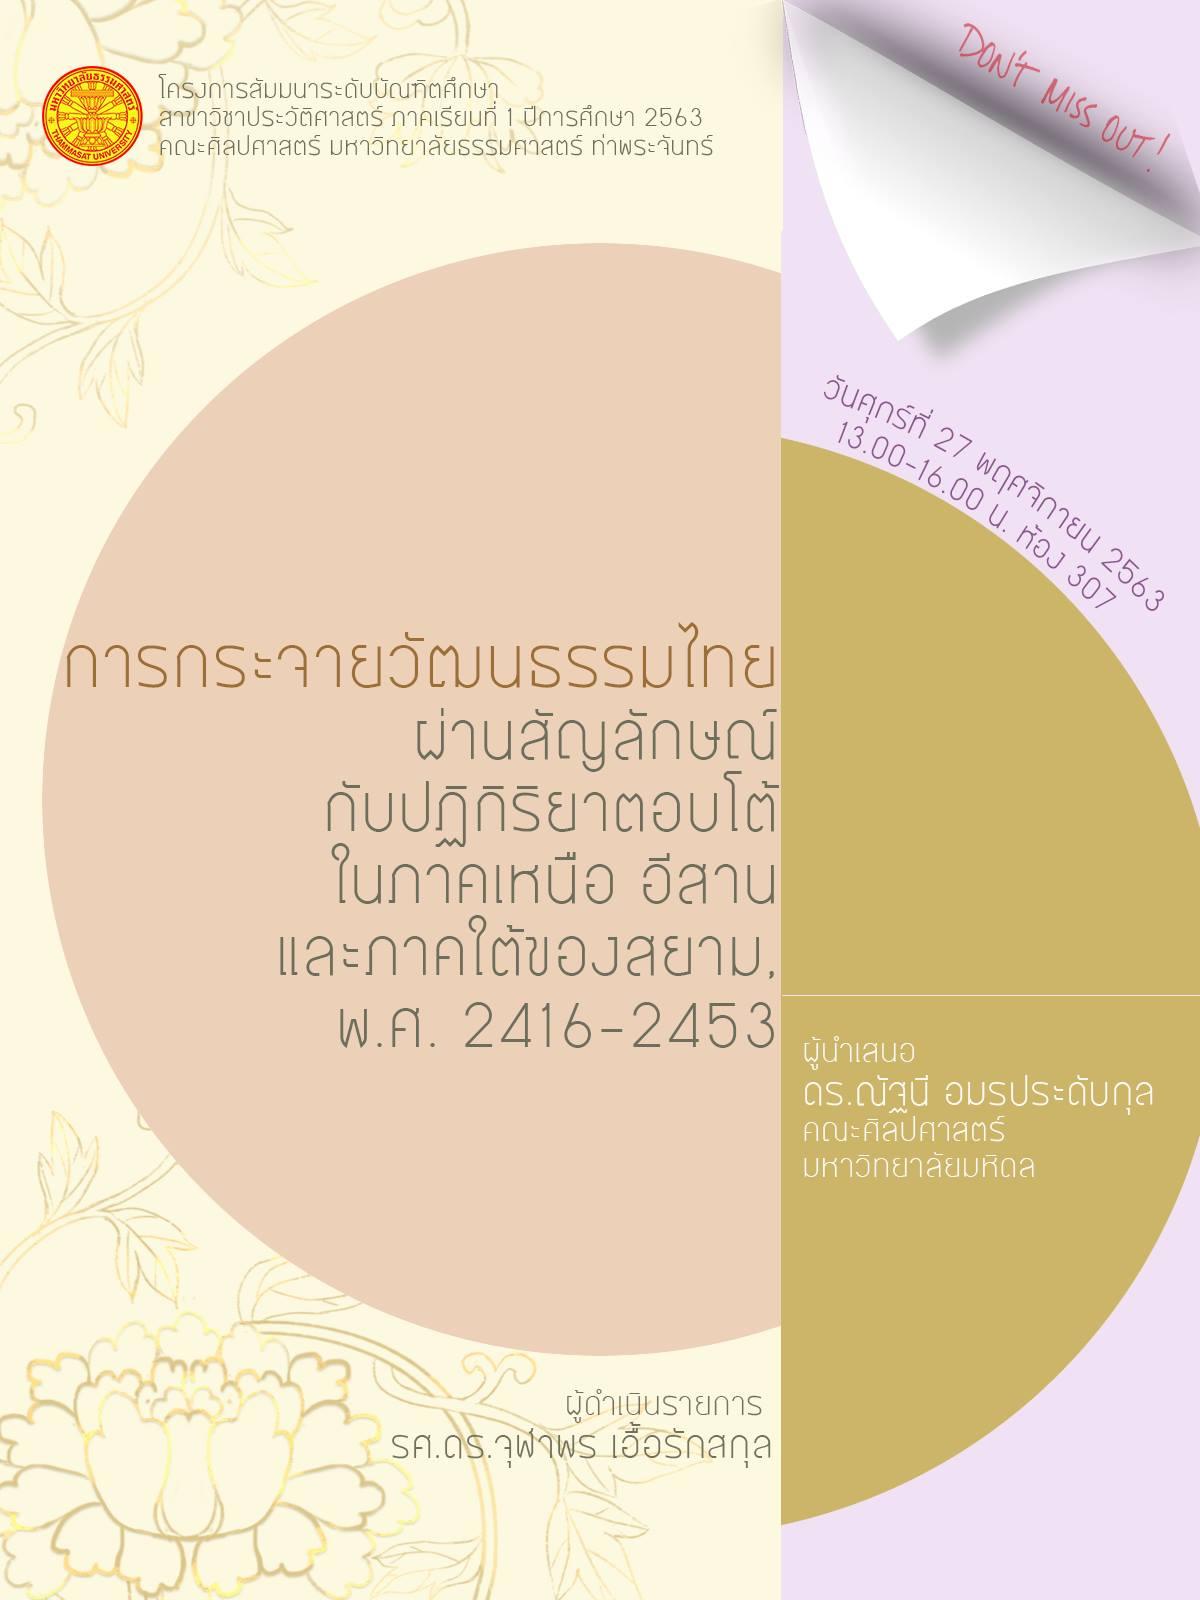 สัมมนาบัณฑิตศึกษา: การกระจายวัฒนธรรมไทยผ่านสัญลักษณ์กับปฏิกิริยาตอบโต้ในภาคเหนือ อีสาน และภาคใต้ของสยาม พ.ศ. 2416-2453